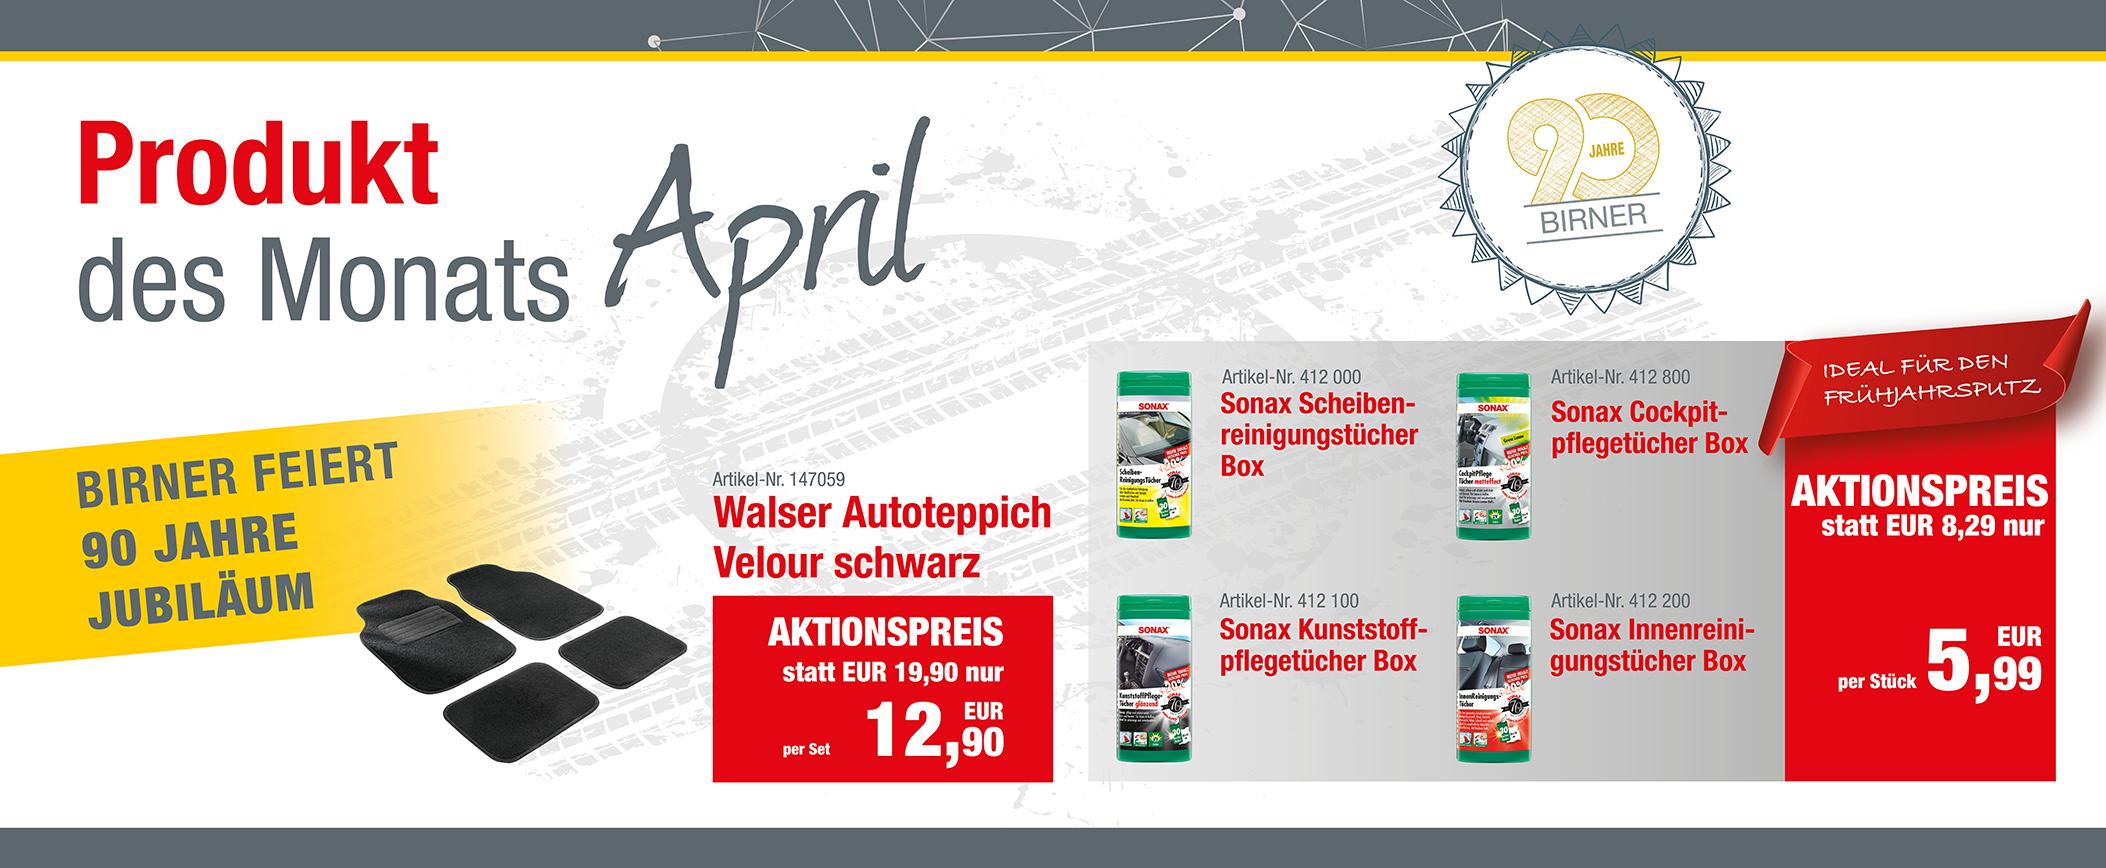 Produkt des Monats April